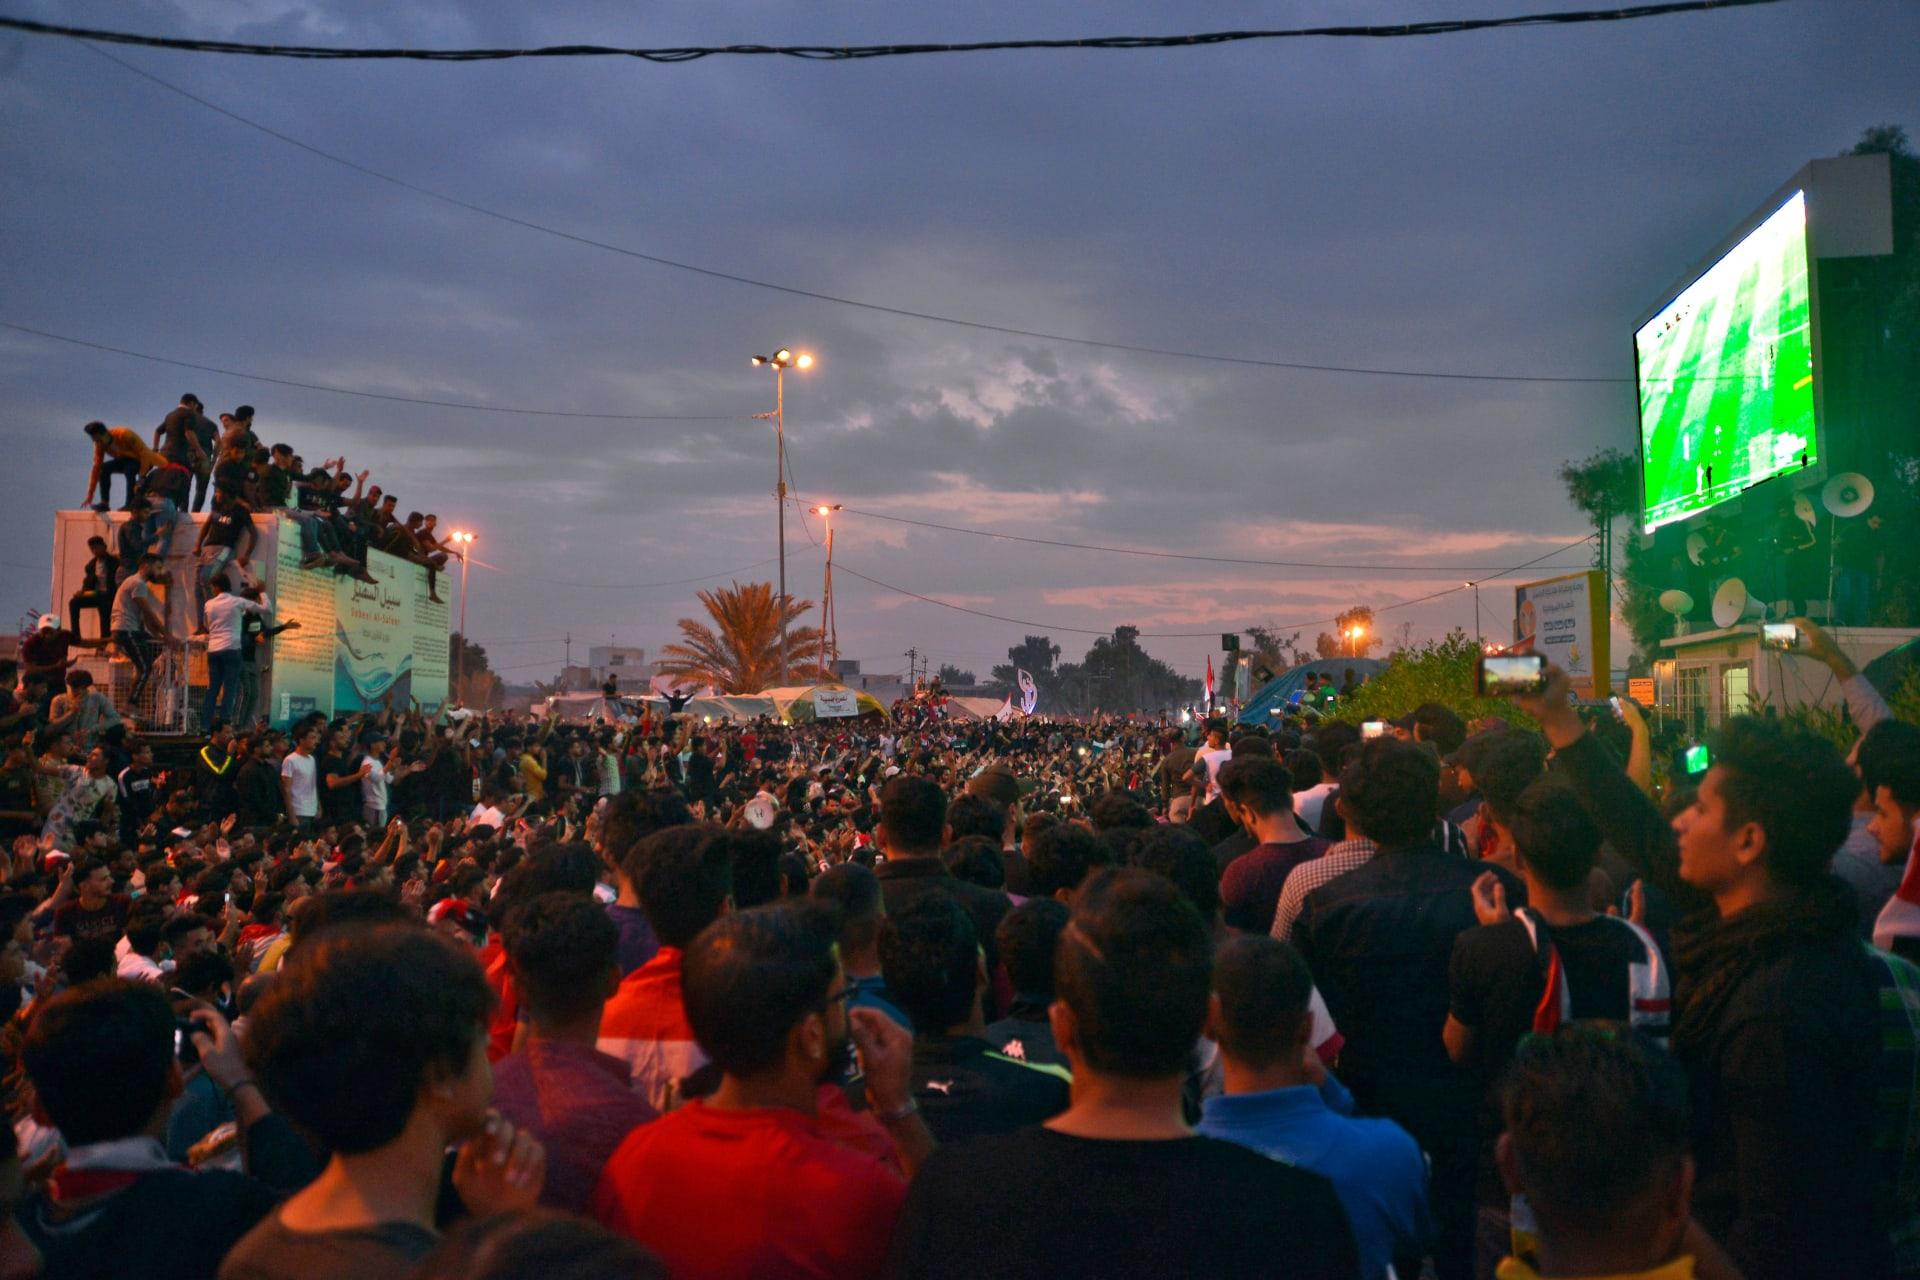 آلاف المحتجين بساحة التحرير في بغداد يتابعون مباراة منتخب بلادهم مع المنتخب الإيراني